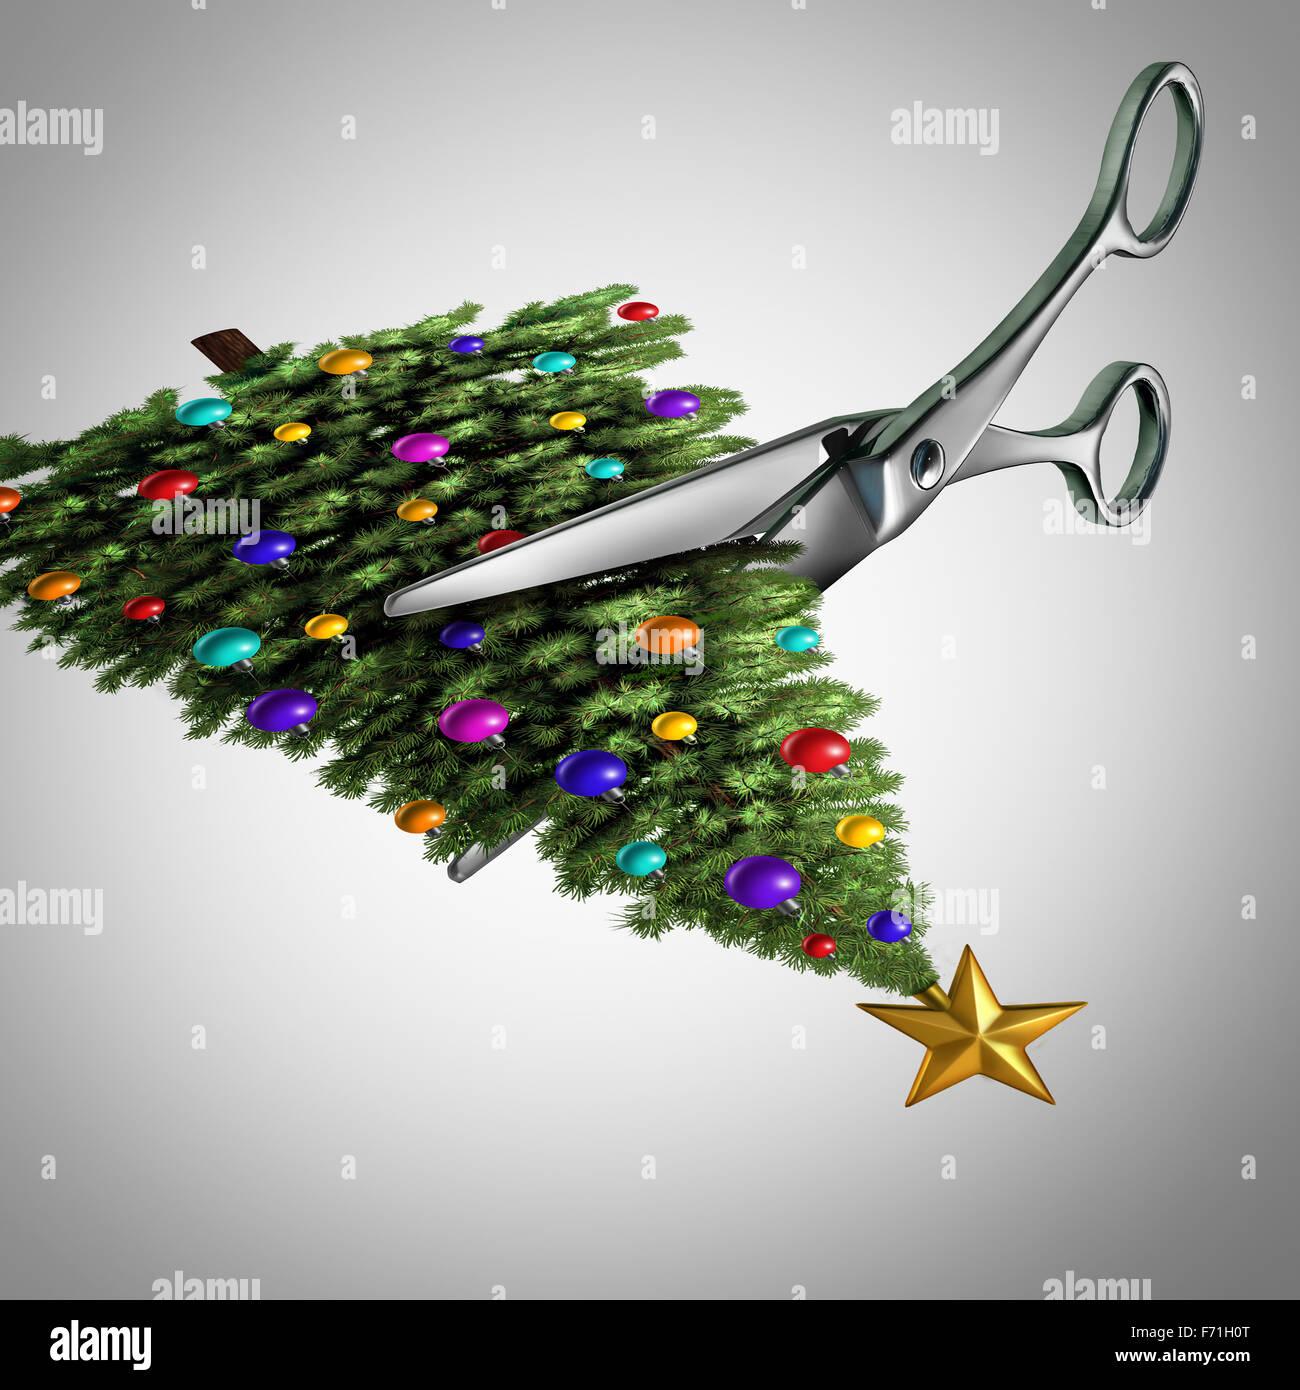 Réduire le concept de noël que des ciseaux couper une photo d'un arbre de Noël décoré Photo Stock